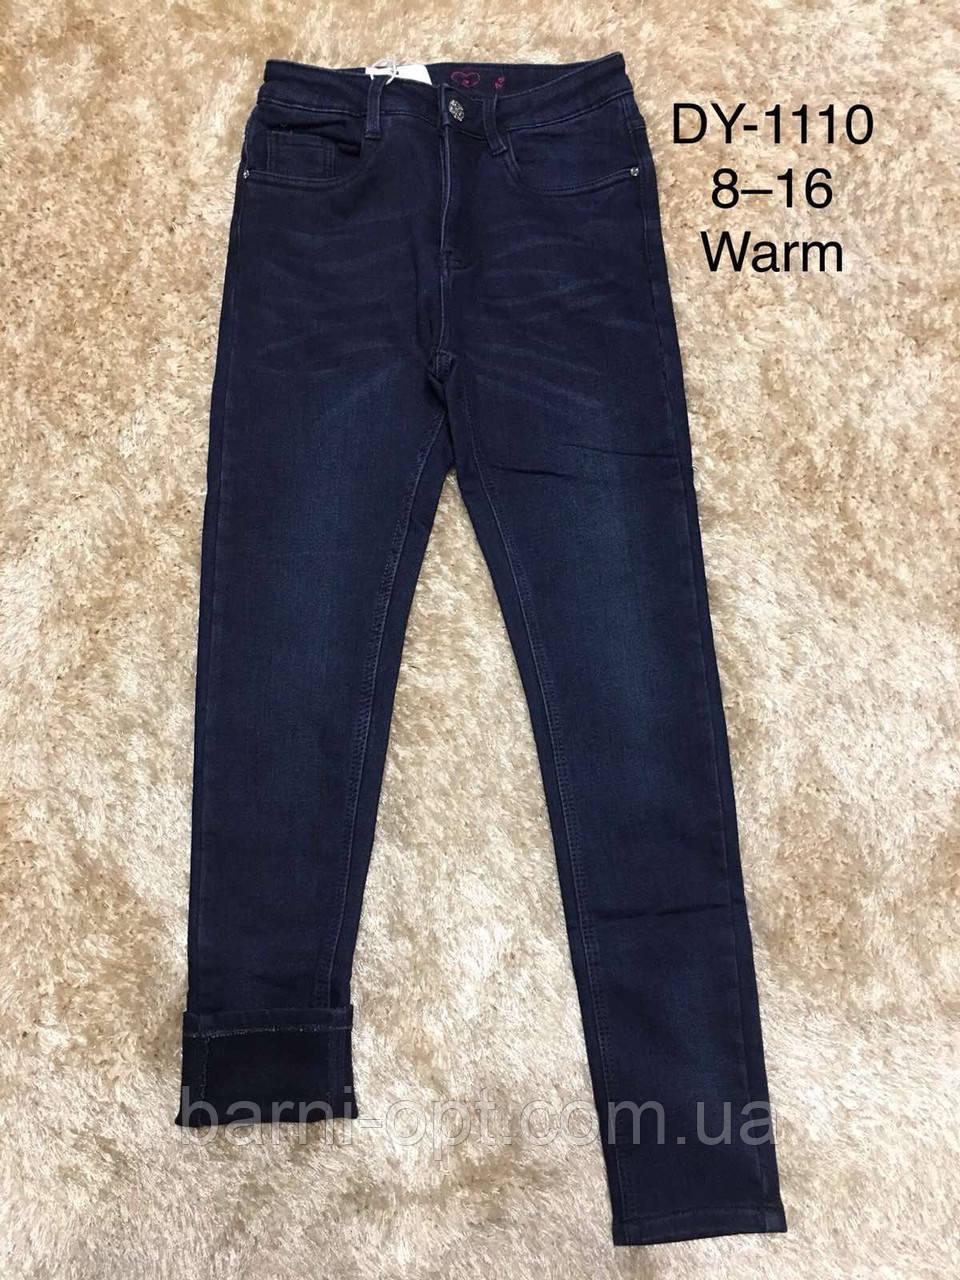 Джинсовые брюки утепленные для девочек оптом, F&D, 8-16 рр.